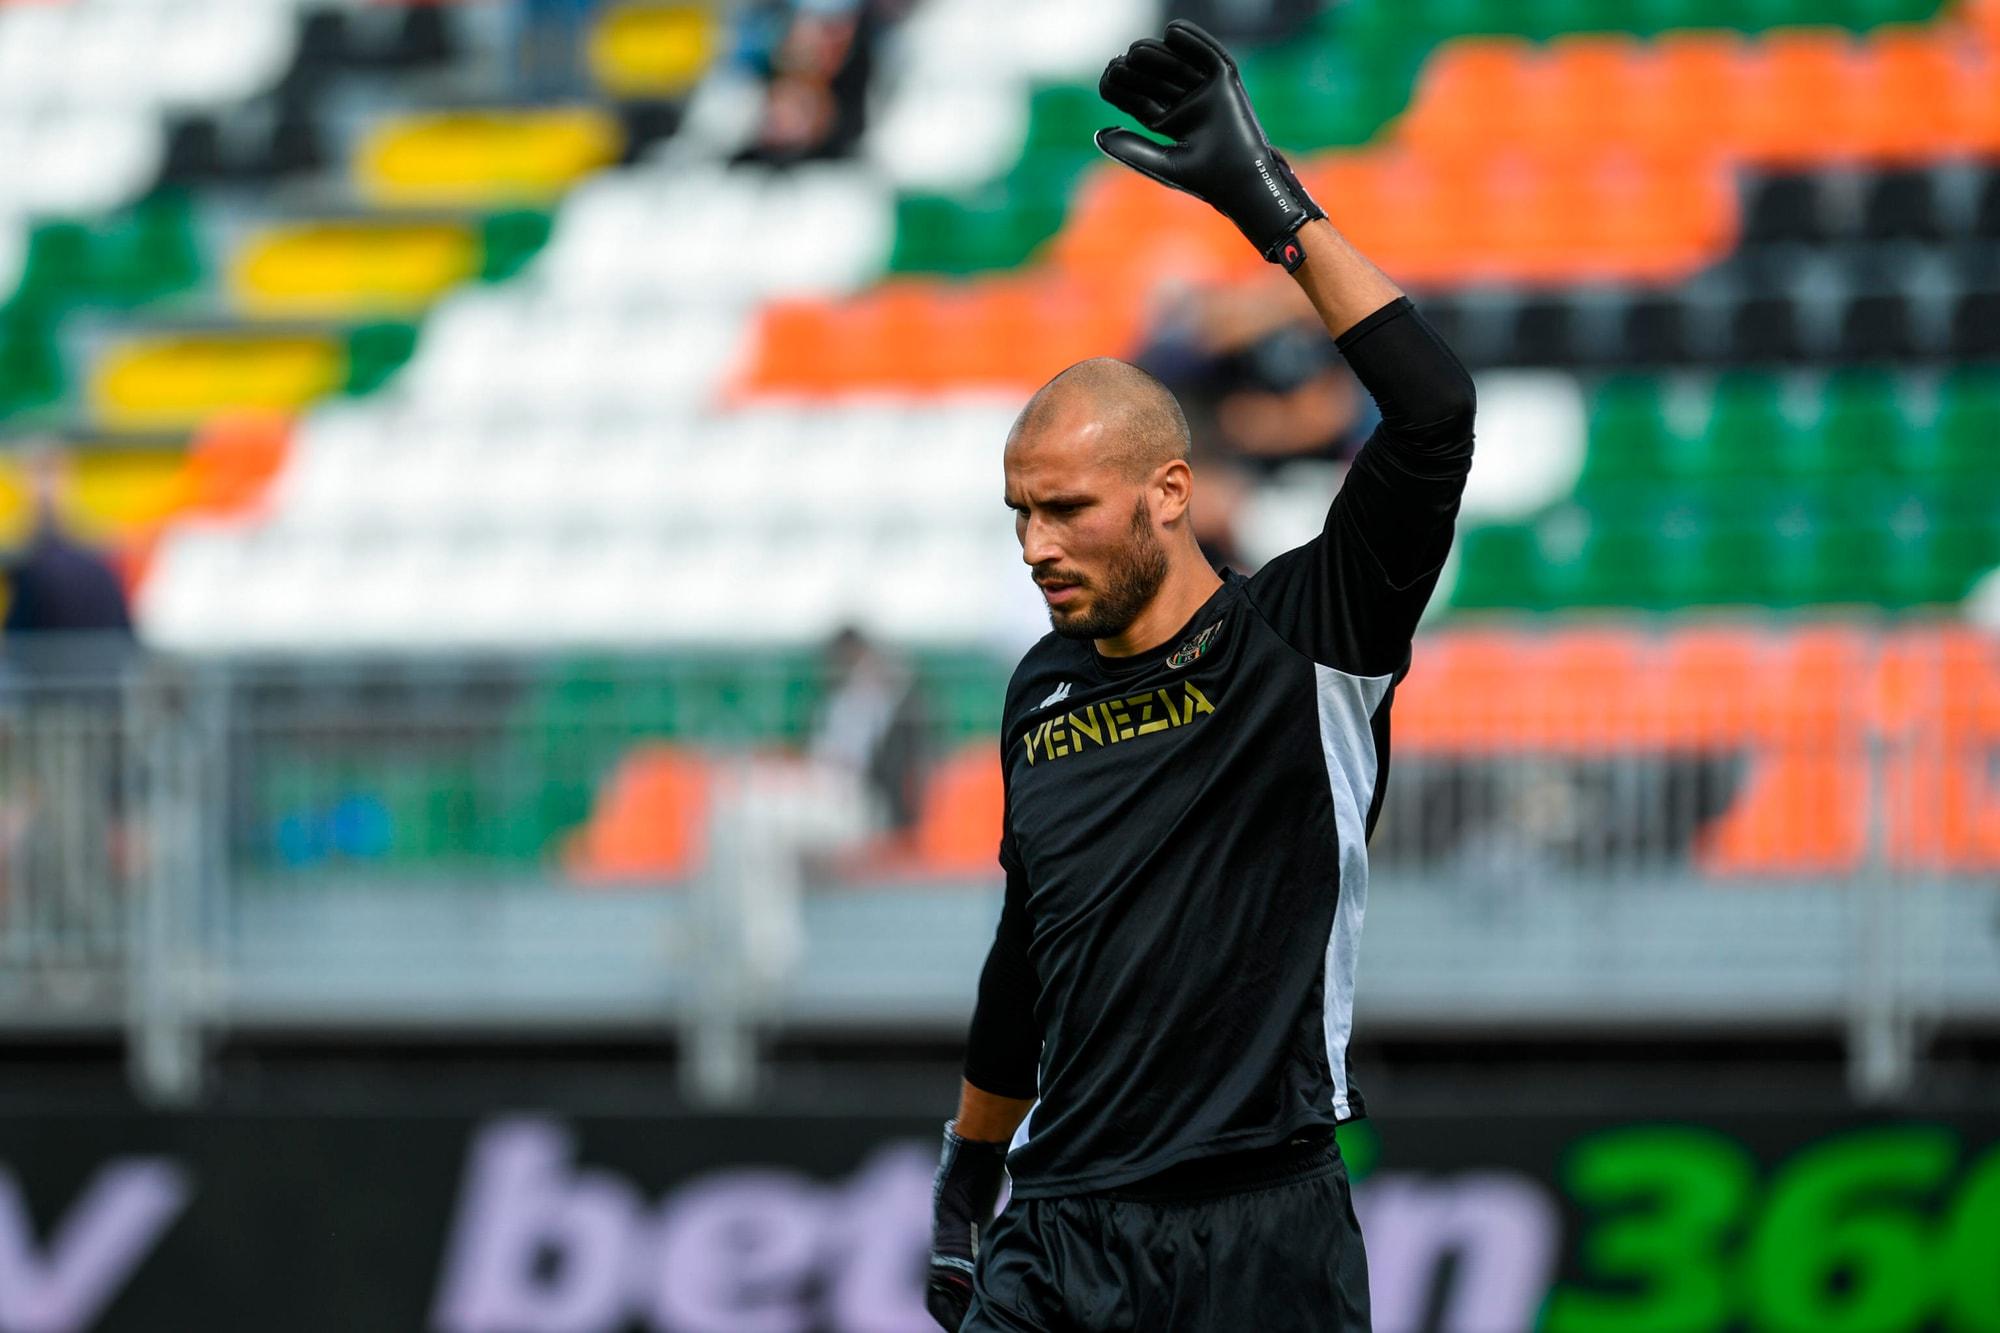 Bourabia regala tre punti a Thiago Motta: 2-1 al Venezia allo scadere